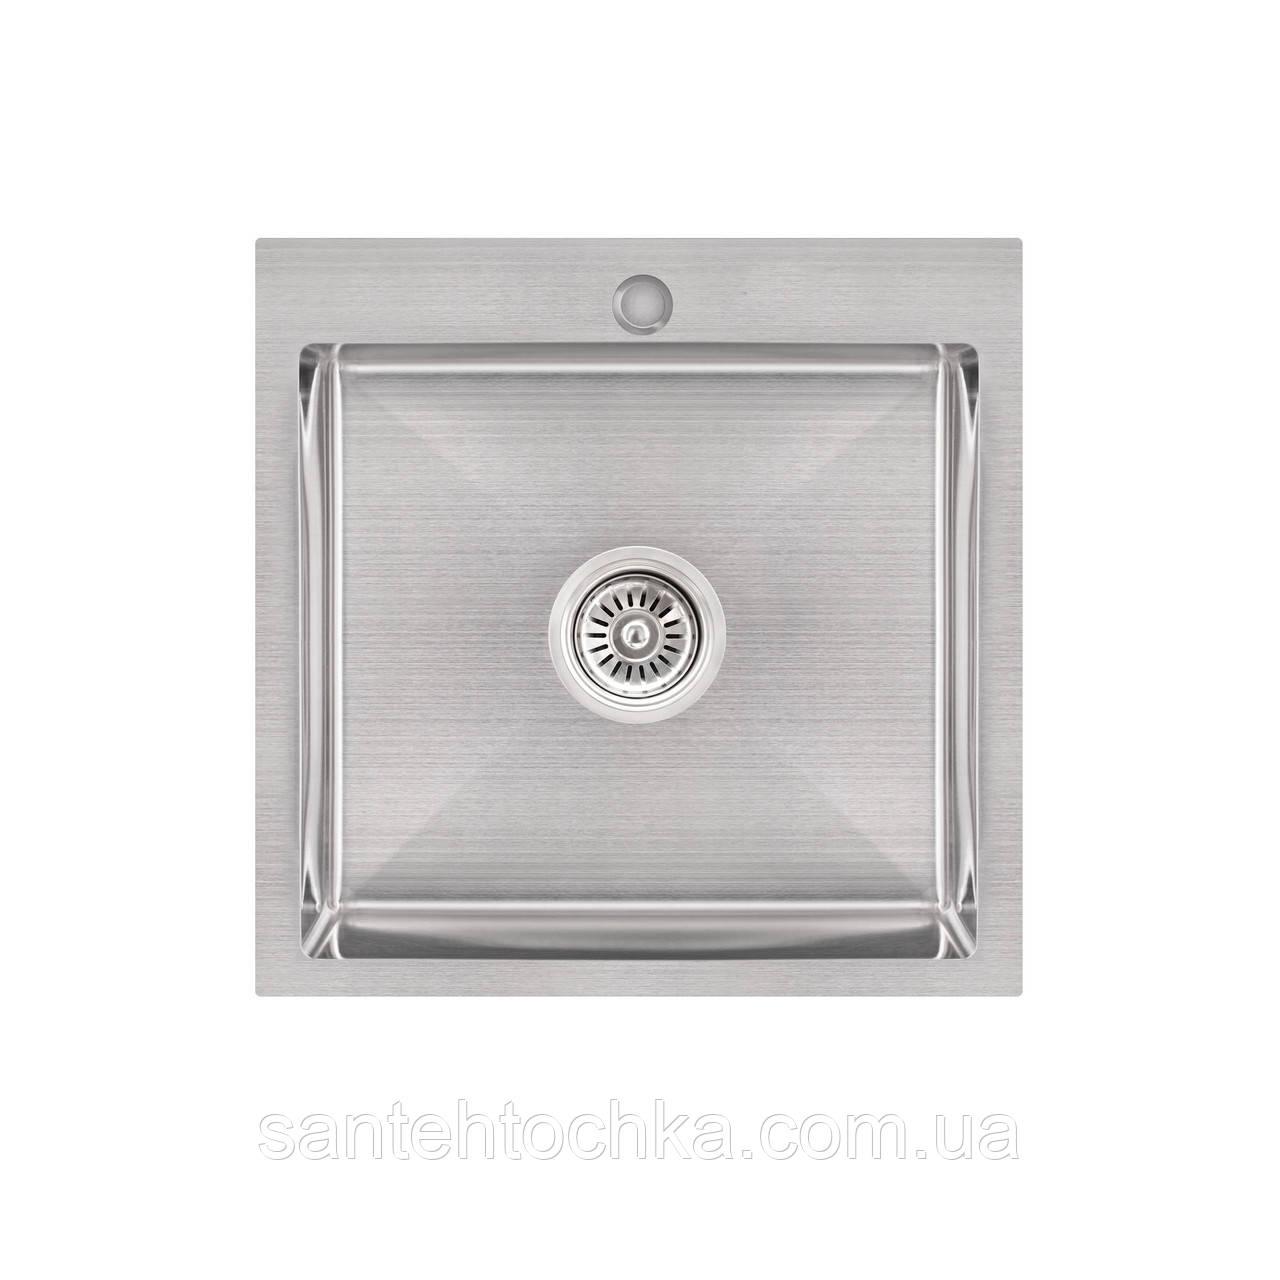 KRP Gebürstet-5050HM (3.0/1.0 мм) 215  інтегрована кухонна мойка